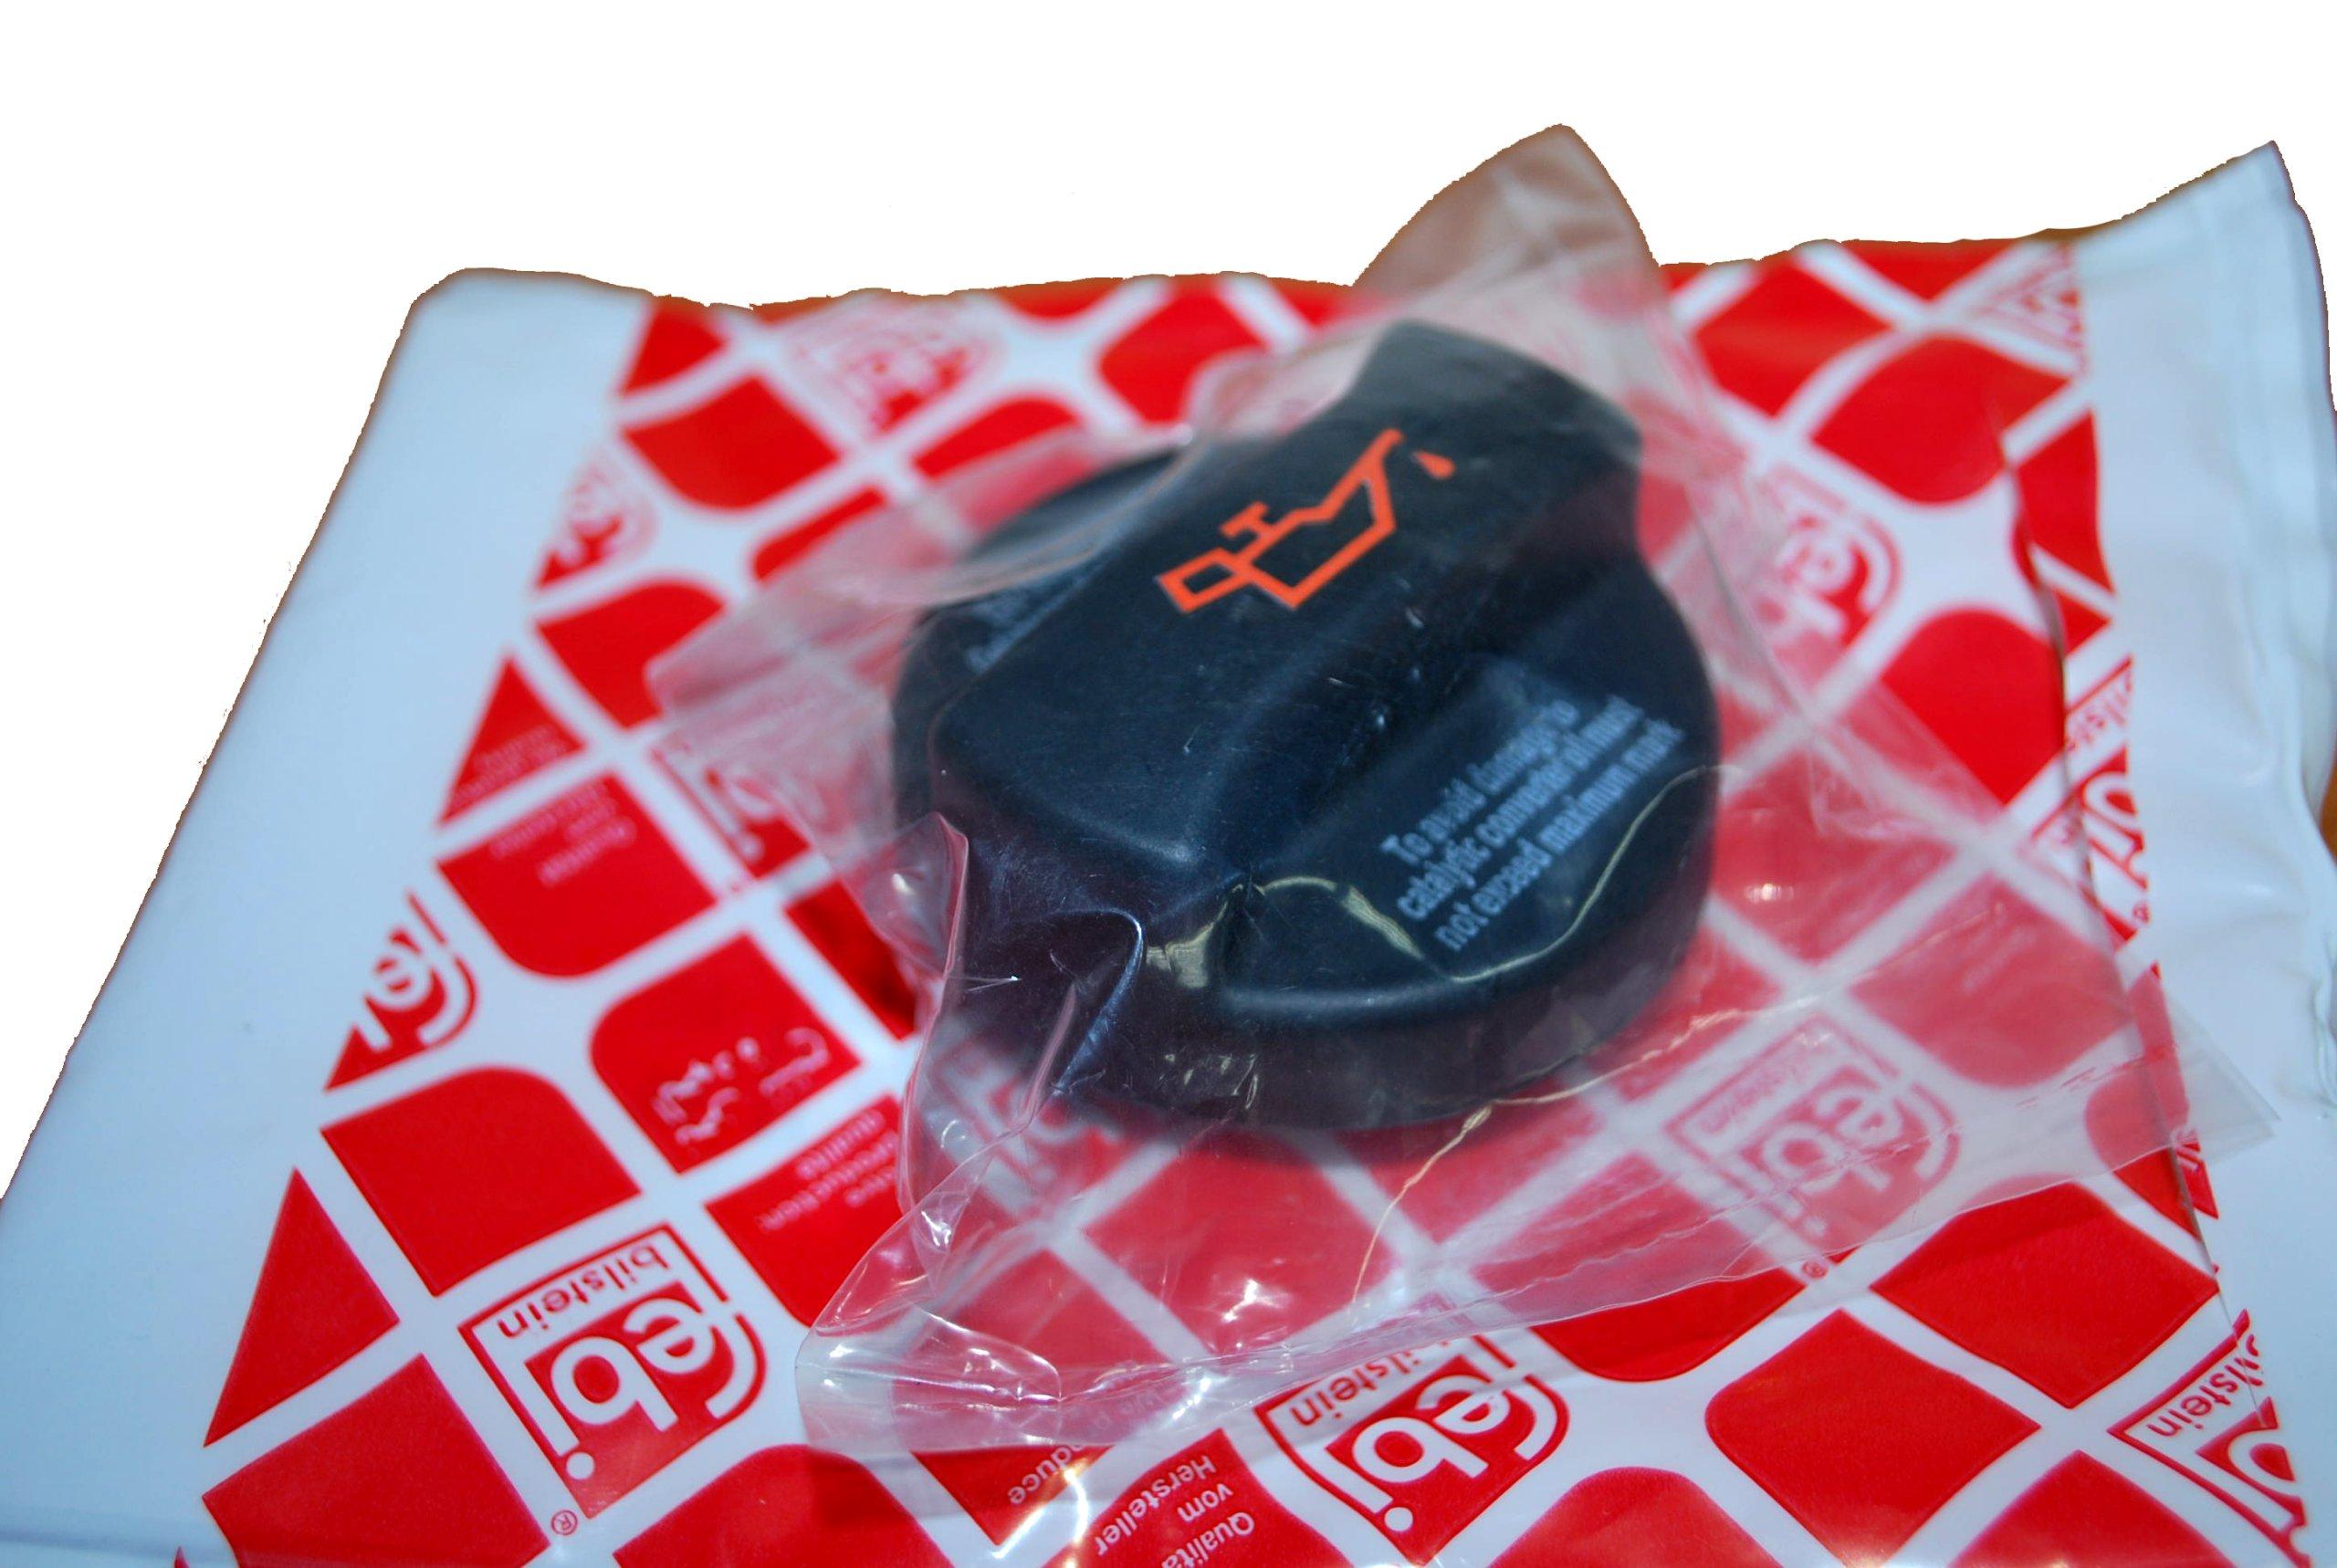 пробка настой масла audi a6 c5c4 a3 a4 b5 80 b3b4